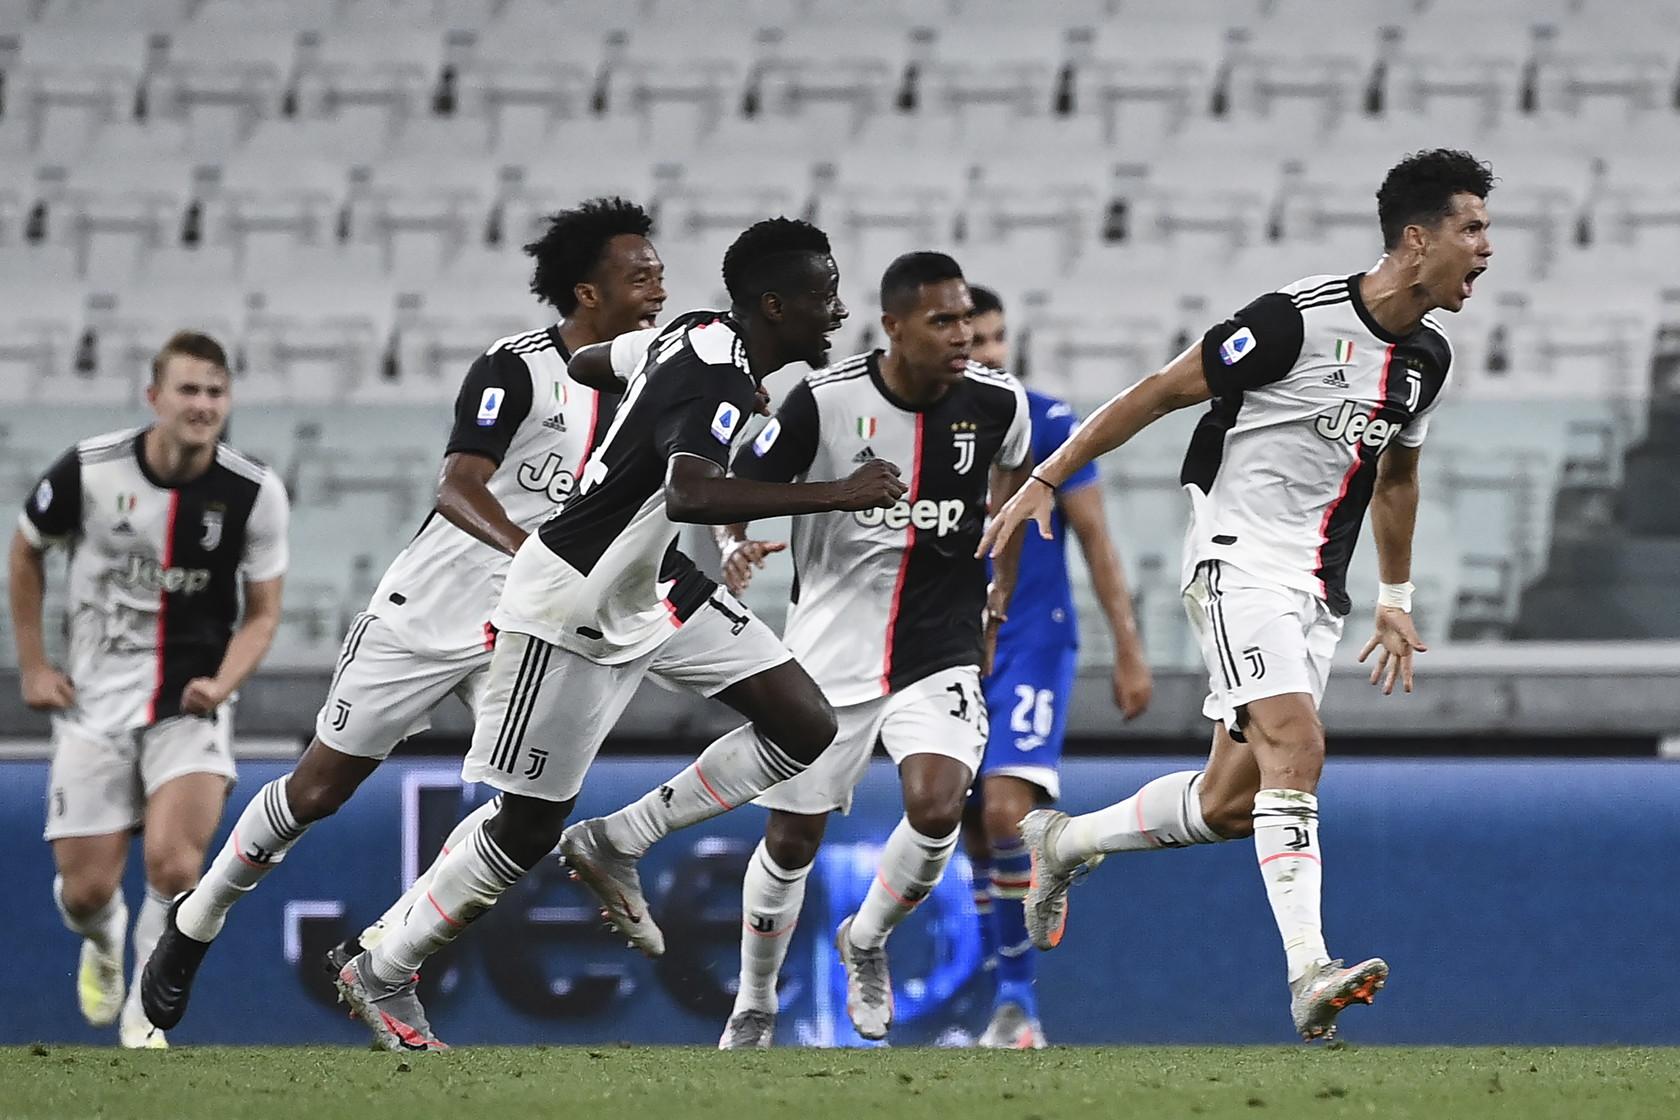 26/07/2020 La Juve batte la Sampdoria per aggiudicarsi aritmeticamente lo scudetto e come spesso accaduto è decisivo Cristiano Ronaldo.